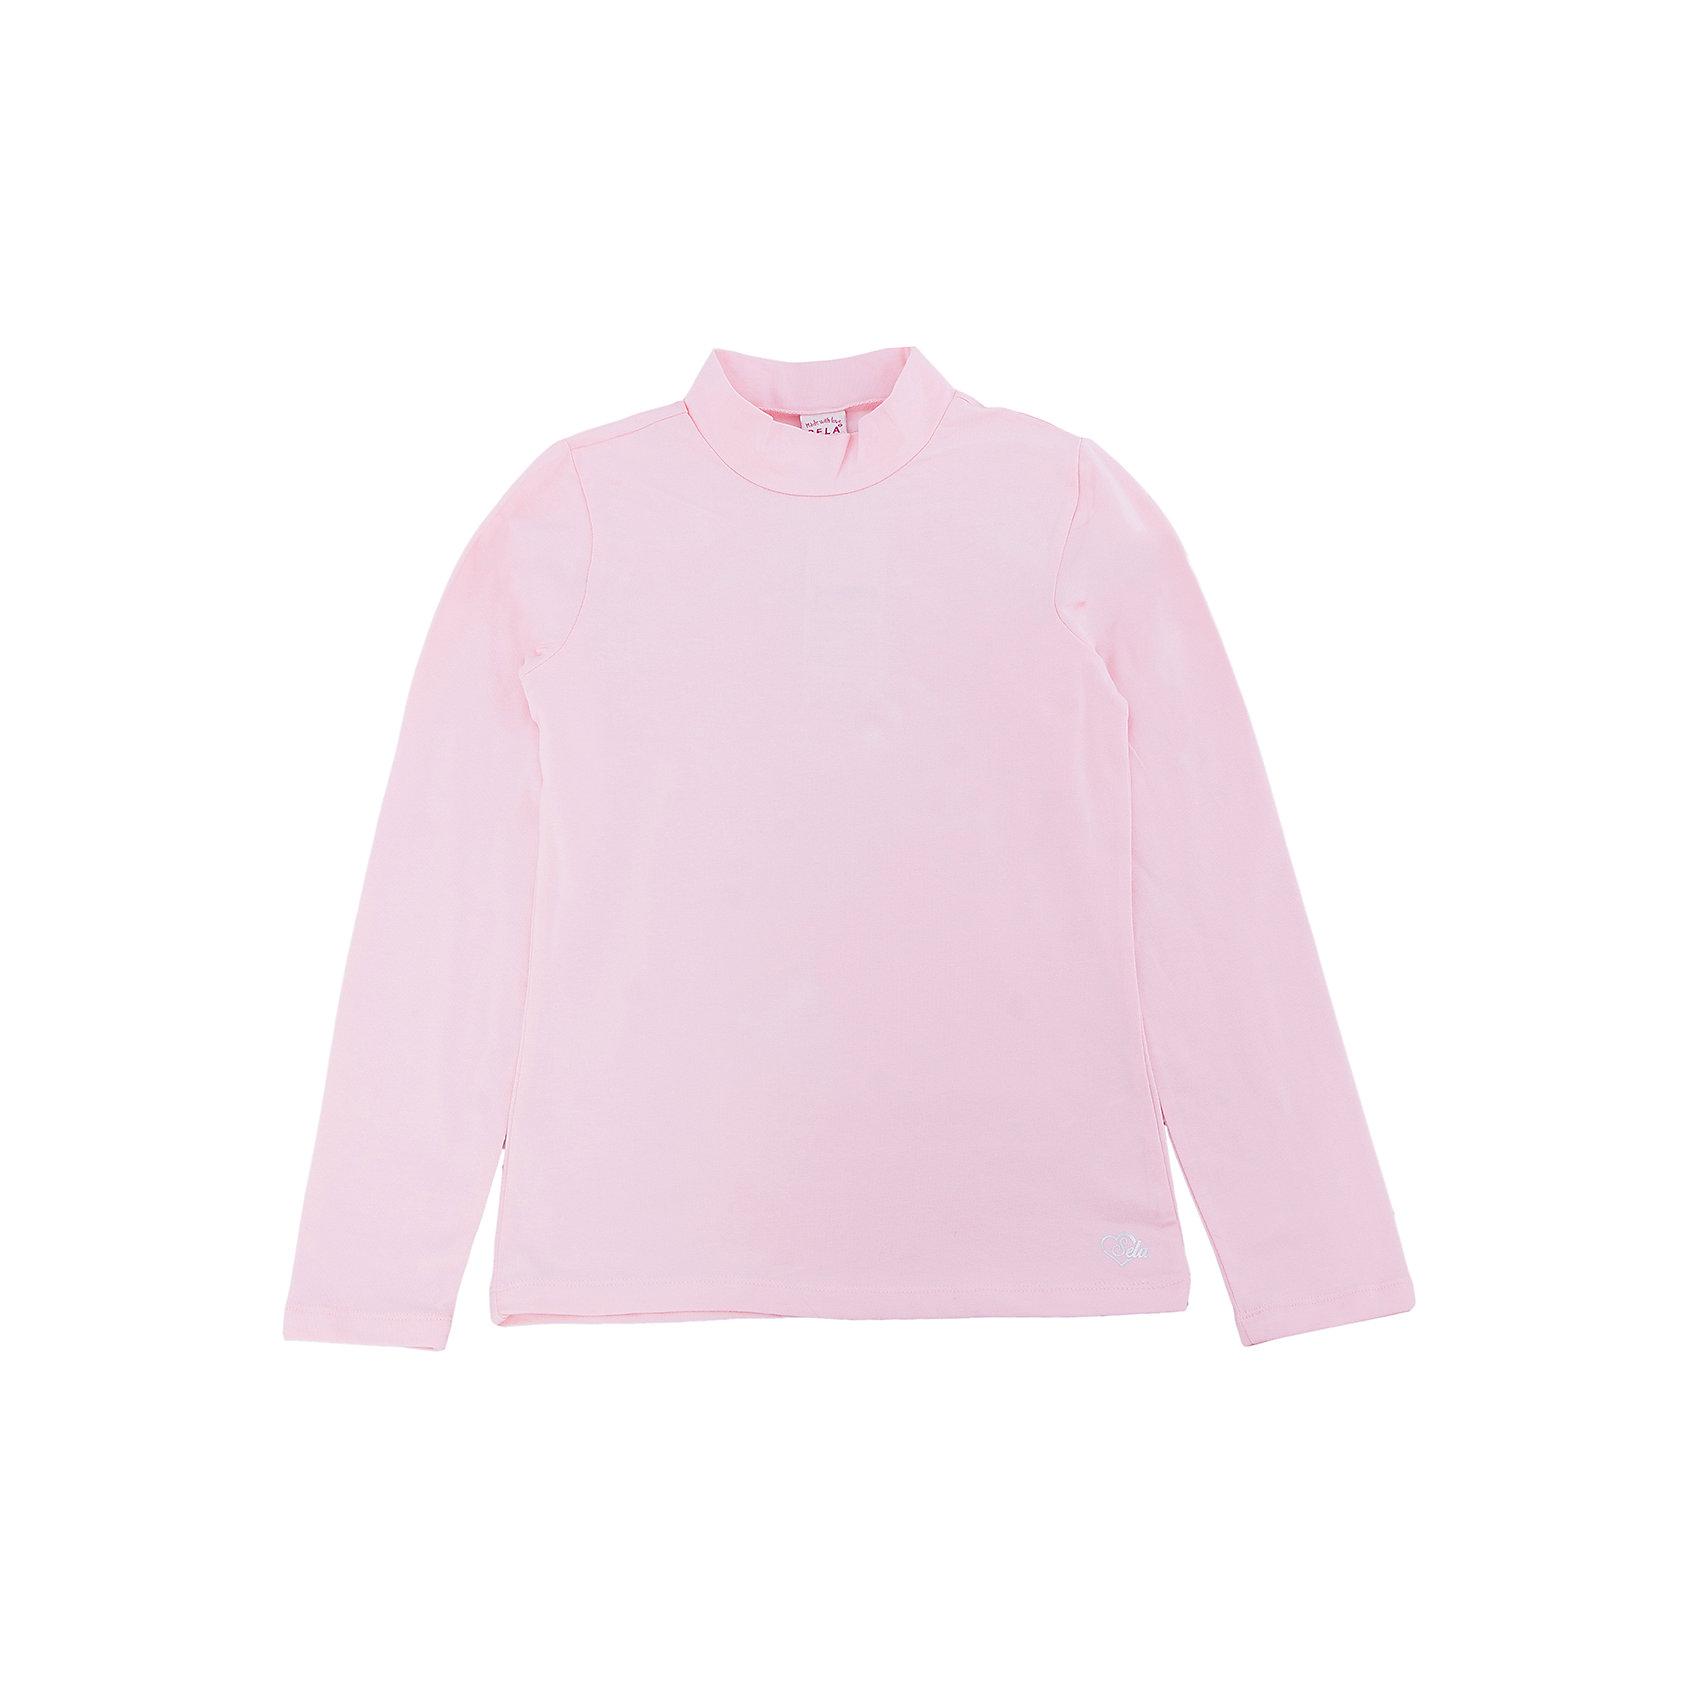 Водолазка для девочки SELAВодолазки<br>Характеристики товара:<br><br>• цвет: розовый<br>• состав: 95% хлопок, 5% эластан<br>• окантовка<br>• длинные рукава<br>• отложной воротник<br>• коллекция весна-лето 2017<br>• страна бренда: Российская Федерация<br><br>Вещи из новой коллекции SELA продолжают радовать удобством! Стильный джемпер для девочки поможет разнообразить гардероб ребенка и обеспечить комфорт. Он отлично сочетается с юбками и брюками. В составе материала - натуральный хлопок.<br><br>Одежда, обувь и аксессуары от российского бренда SELA не зря пользуются большой популярностью у детей и взрослых! Модели этой марки - стильные и удобные, цена при этом неизменно остается доступной. Для их производства используются только безопасные, качественные материалы и фурнитура. Новая коллекция поддерживает хорошие традиции бренда! <br><br>Джемпер для девочки от популярного бренда SELA (СЕЛА) можно купить в нашем интернет-магазине.<br><br>Ширина мм: 190<br>Глубина мм: 74<br>Высота мм: 229<br>Вес г: 236<br>Цвет: розовый<br>Возраст от месяцев: 96<br>Возраст до месяцев: 108<br>Пол: Женский<br>Возраст: Детский<br>Размер: 134,140,146,152,116,122,128<br>SKU: 5304804